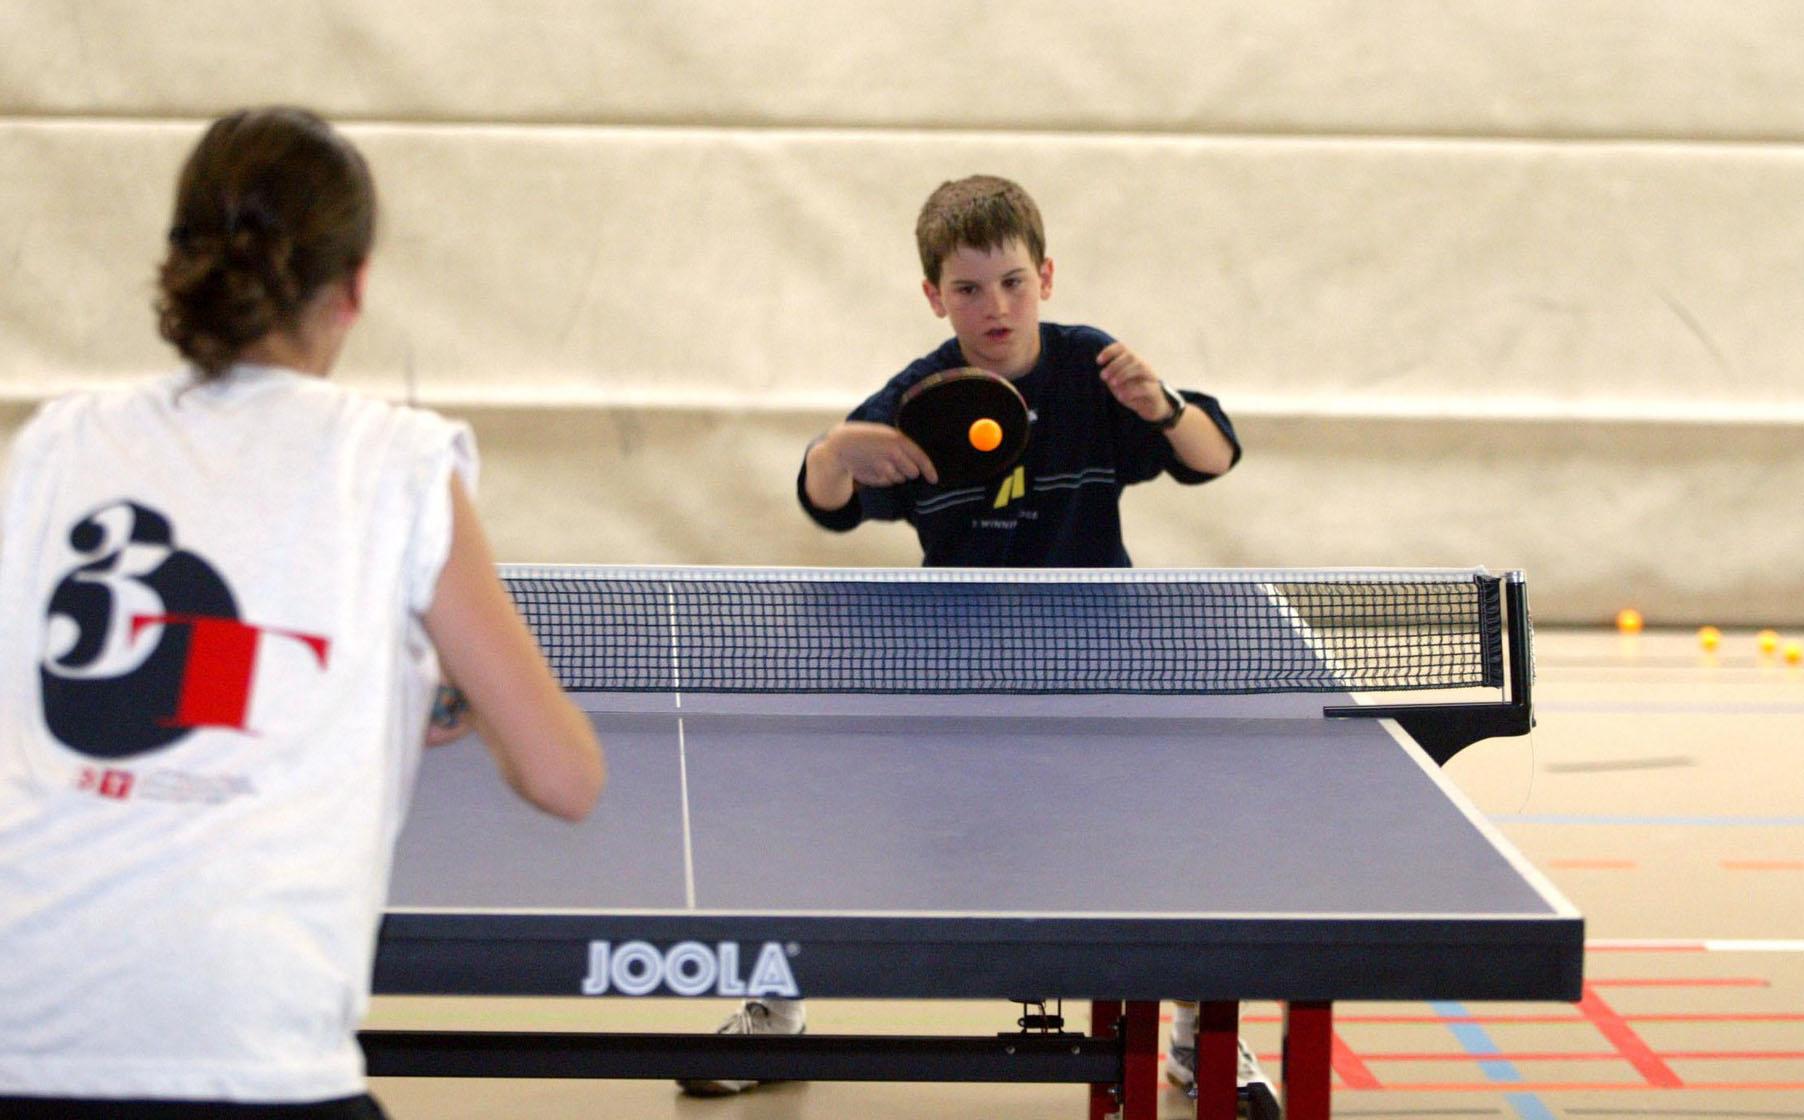 Tischtennis Spiel